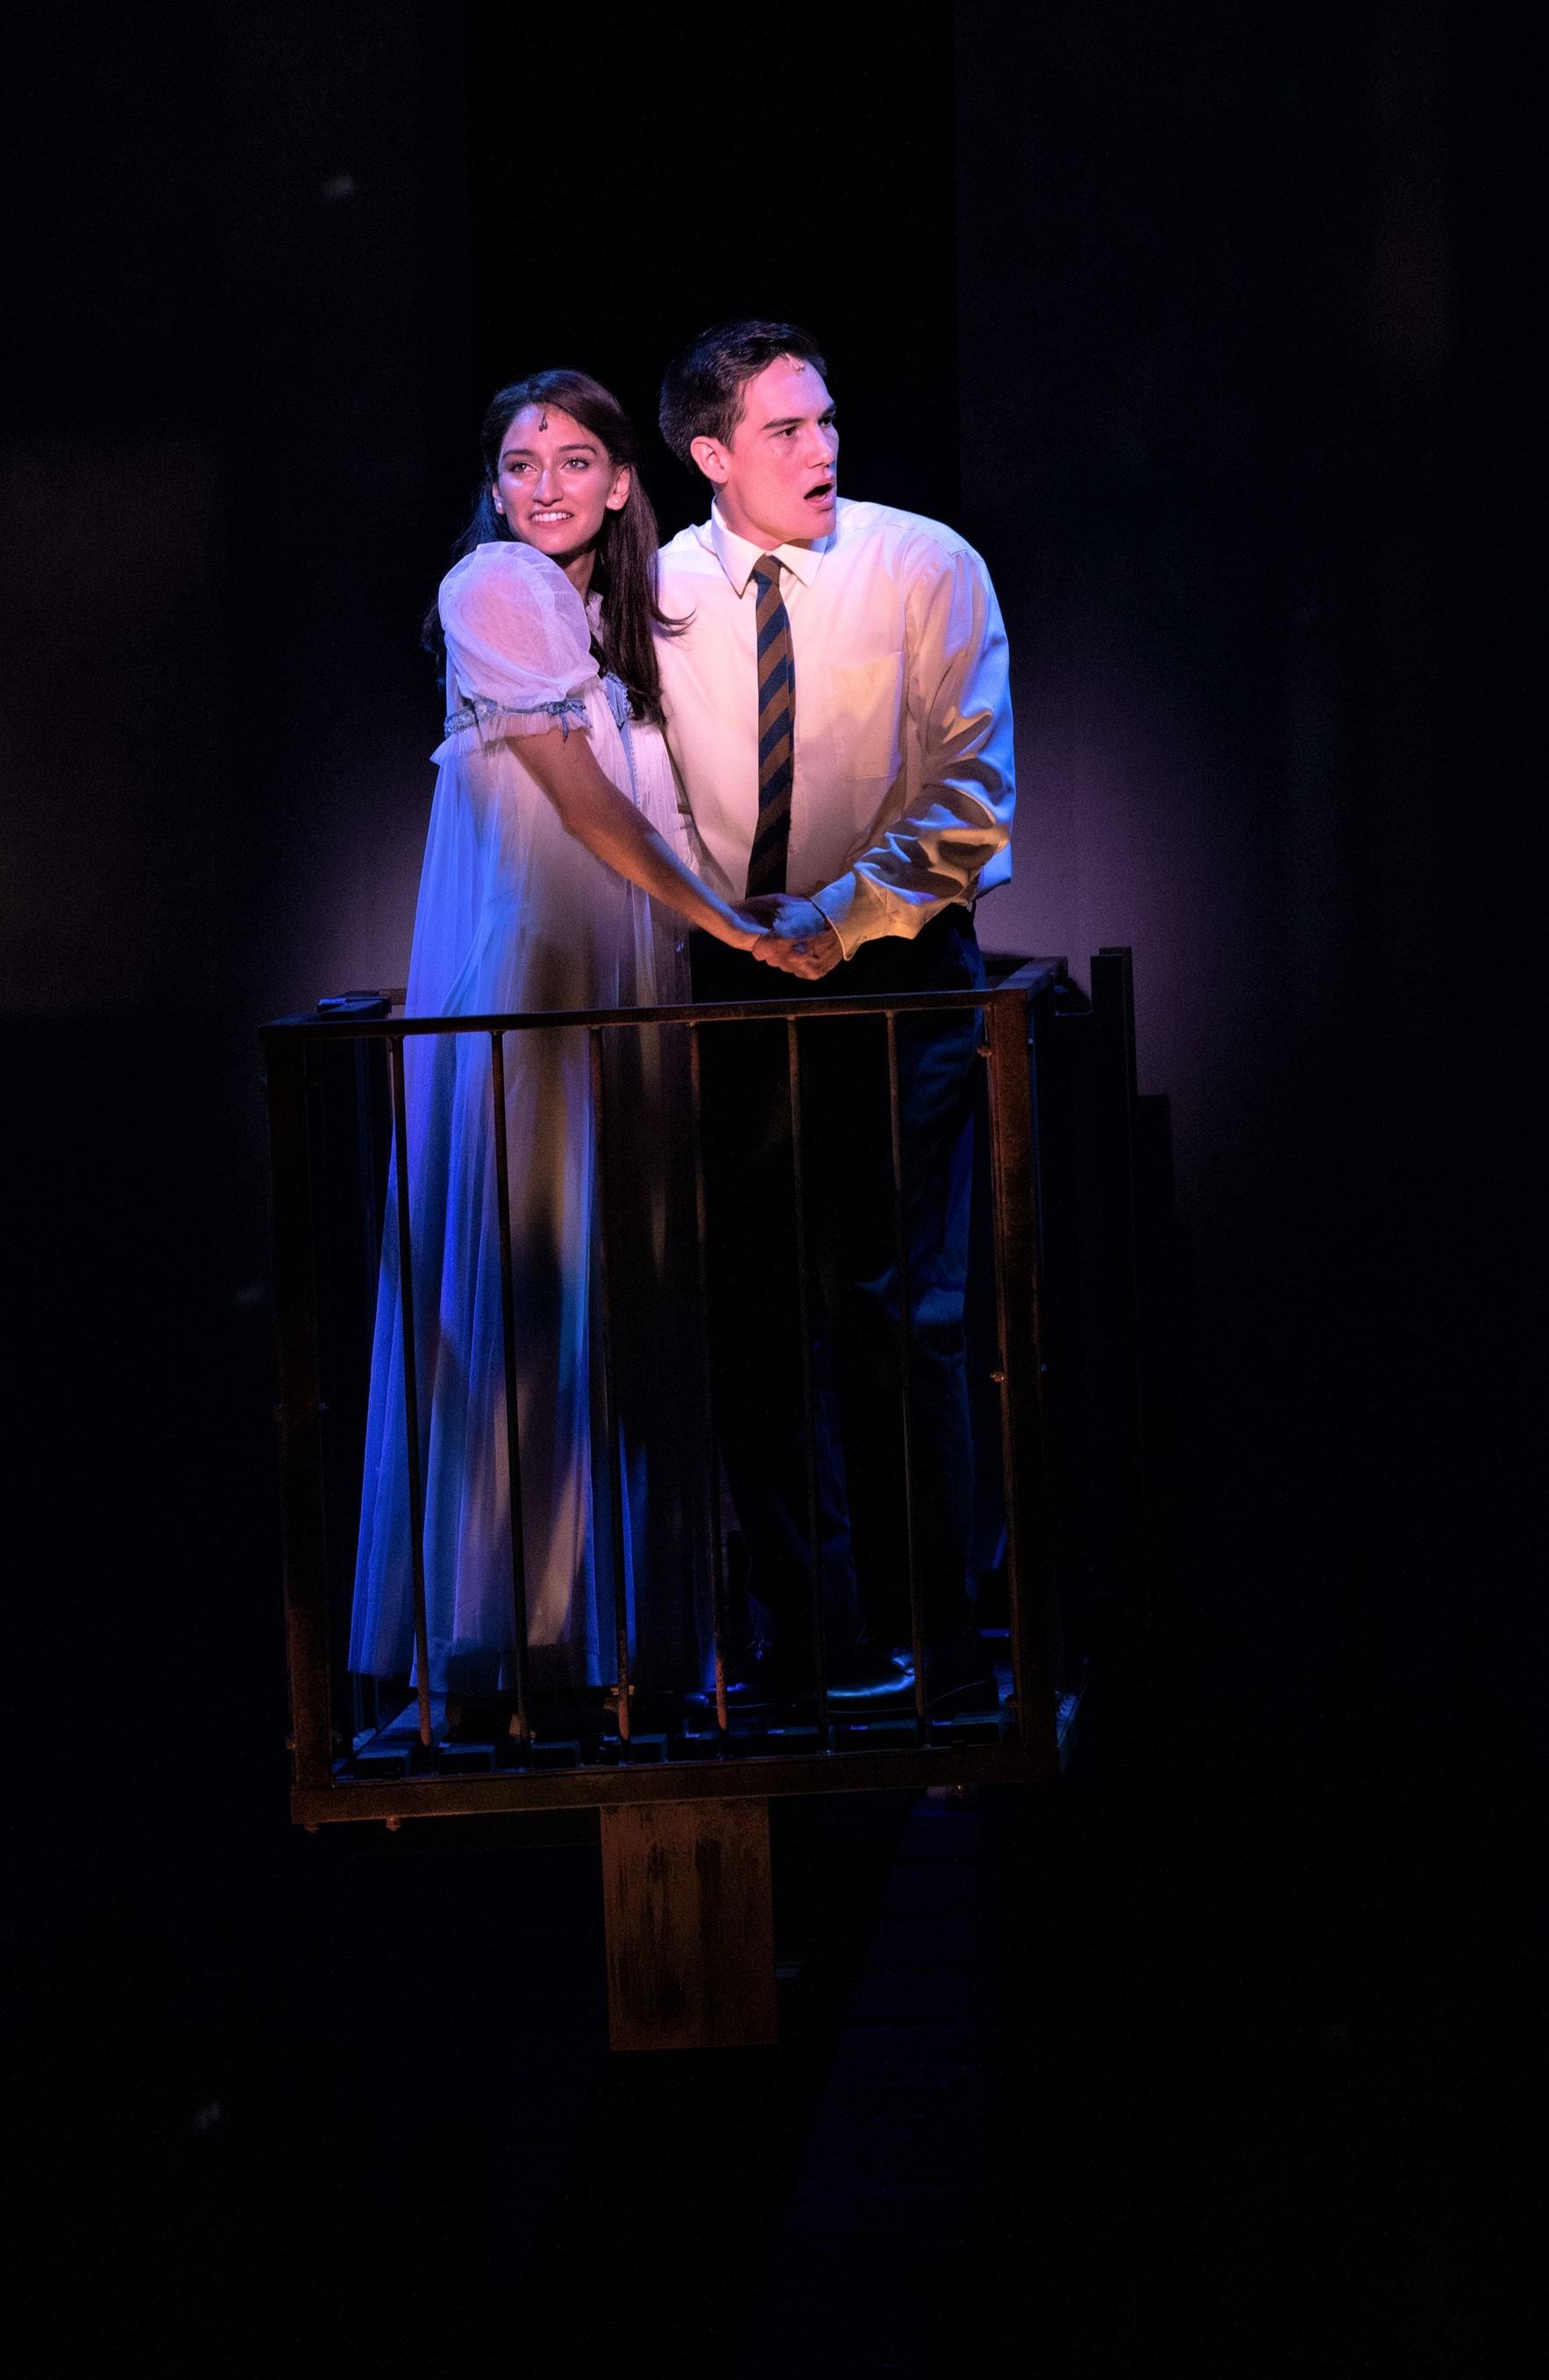 〈トゥナイト〉を歌う、マリア役のソニア・バルサラと、トニー役トレヴァー・ジェームス・バーガー Photo by Jun Wajda